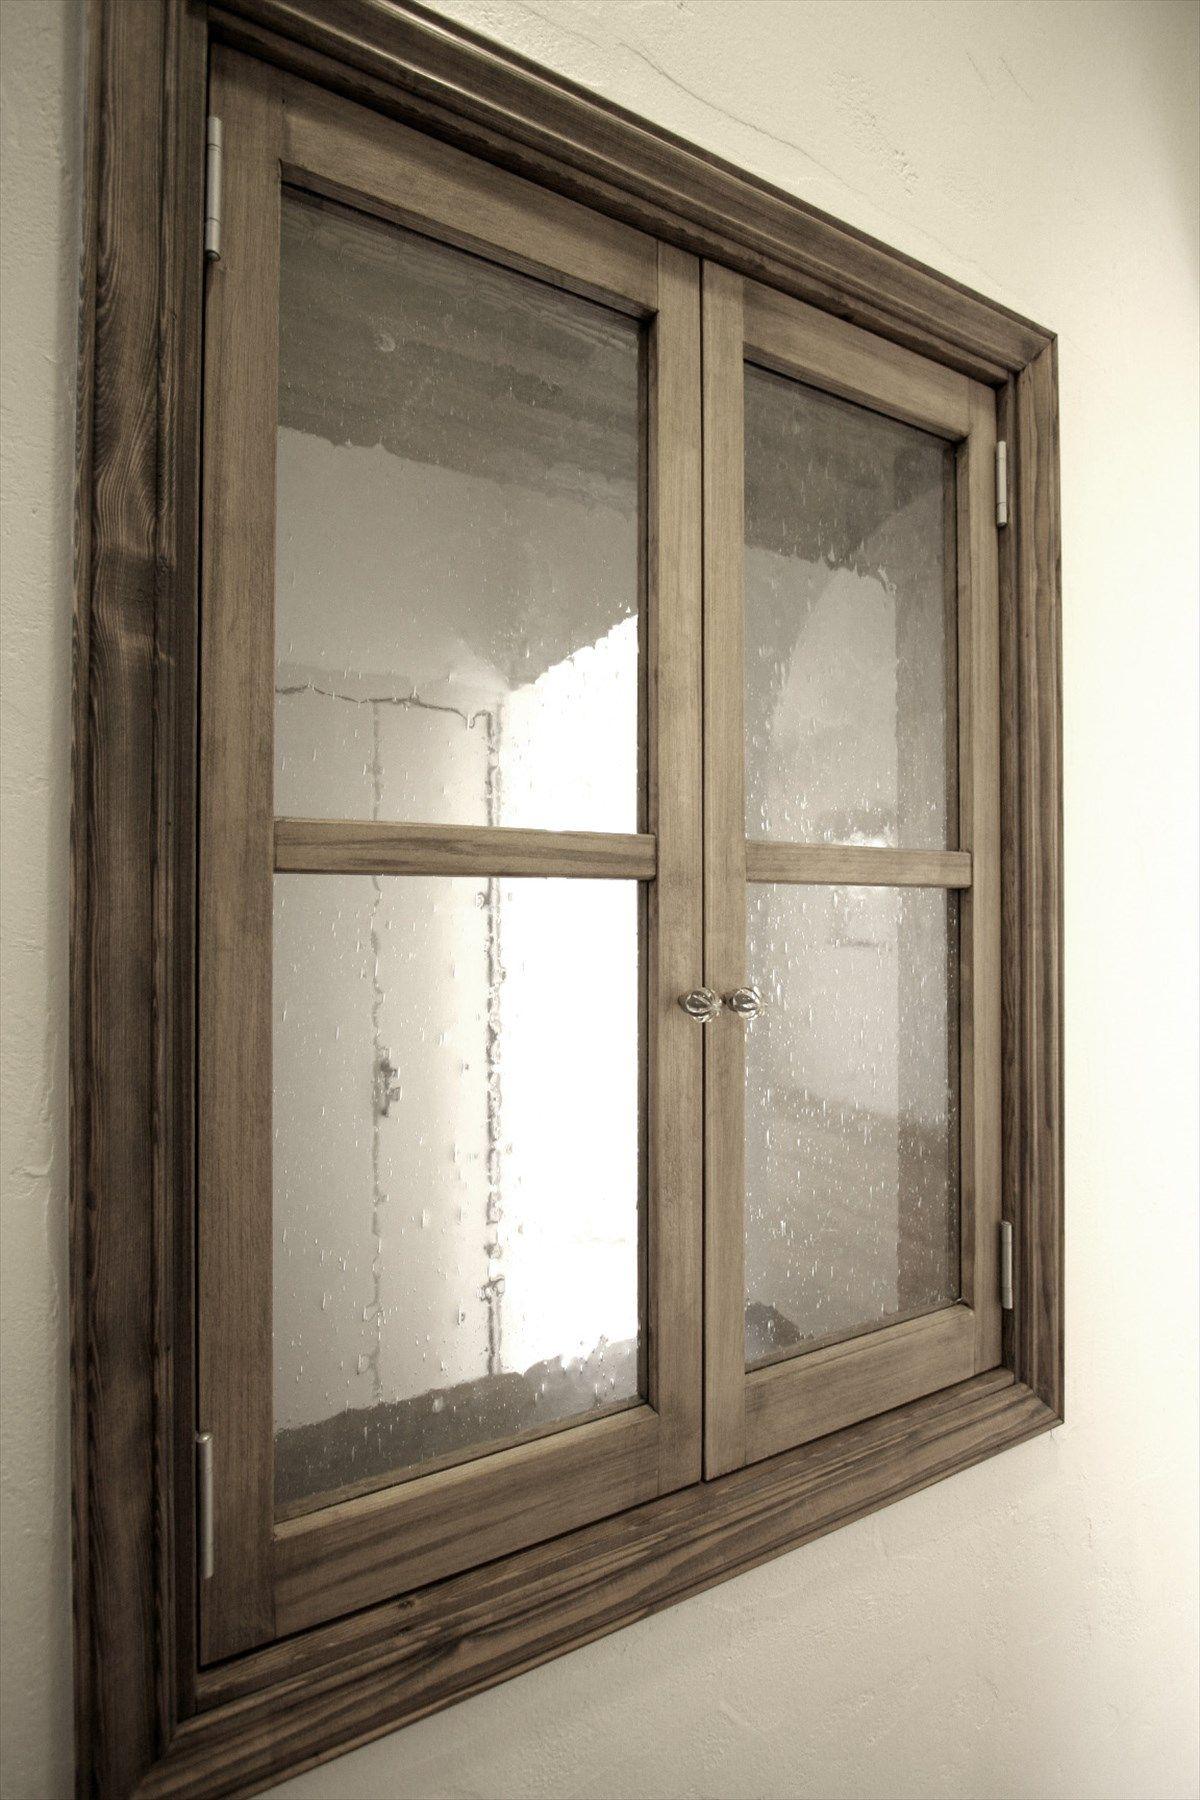 造作小窓室内窓飾り窓両開き窓ガラス枠インテリアナチュラル